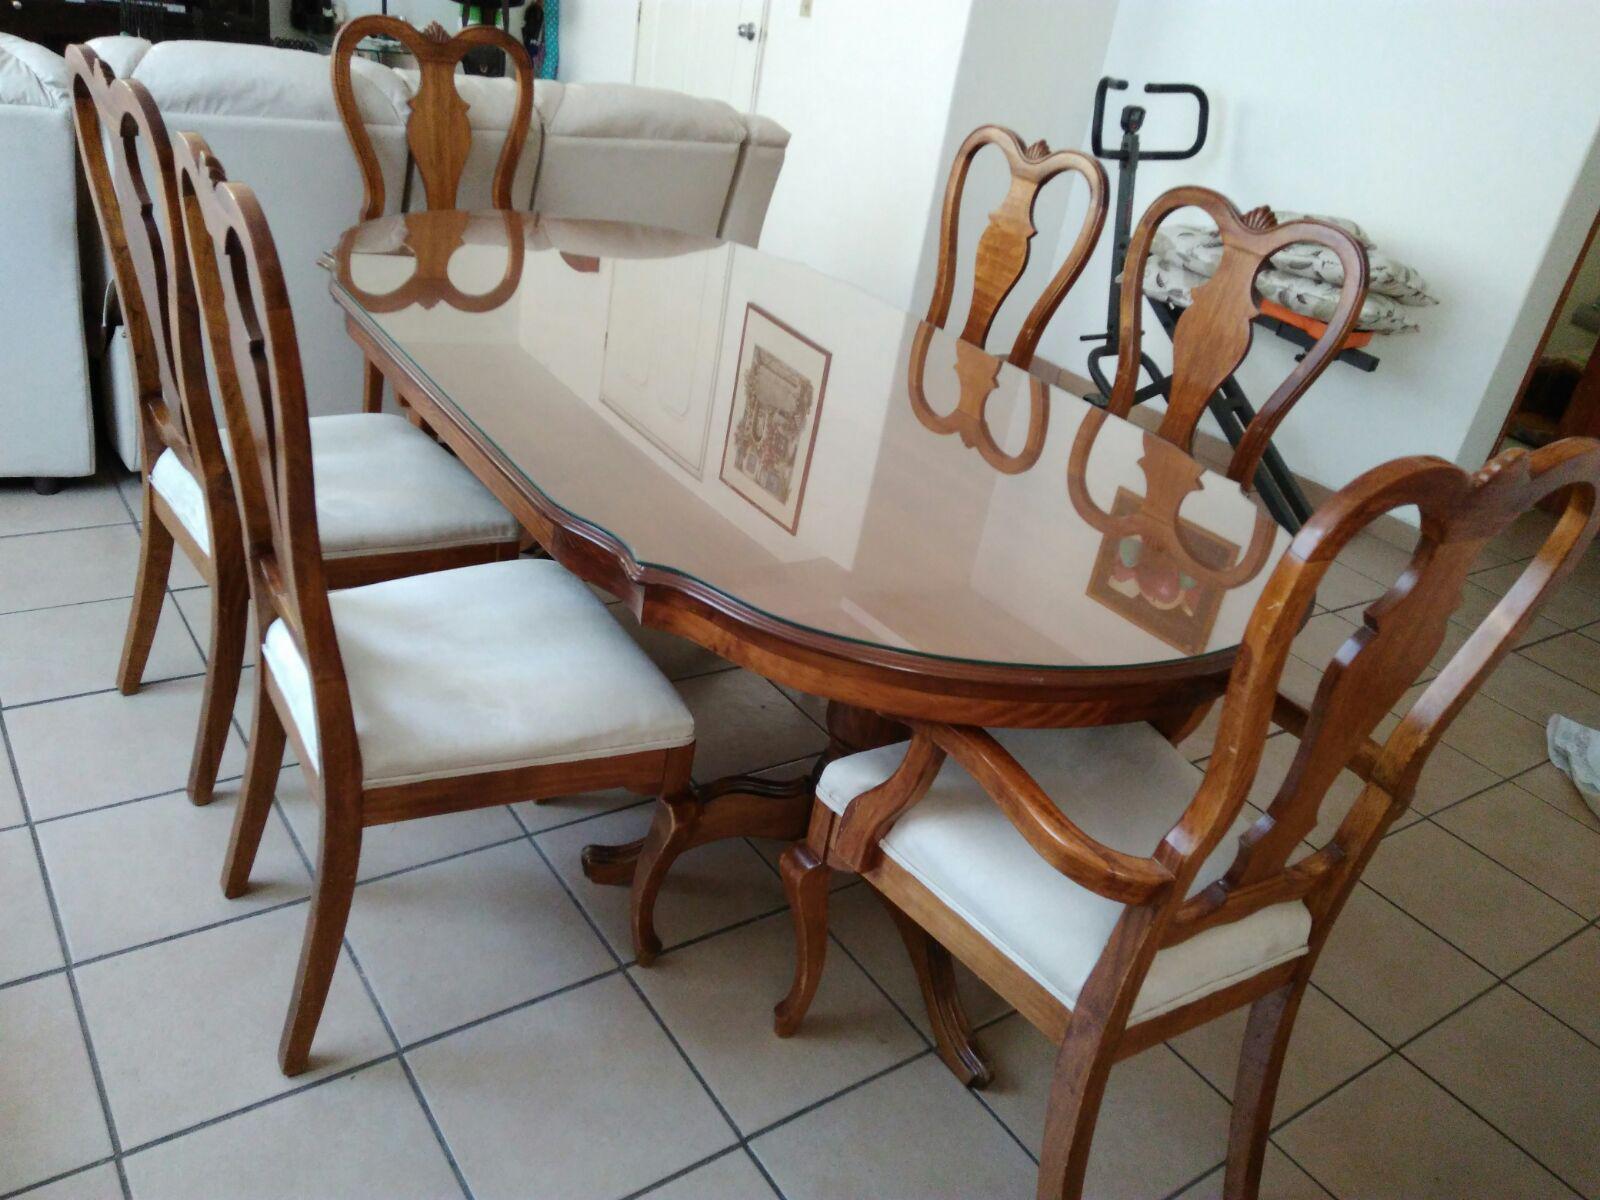 Compro muebles usados y menaje de casa completos for Casa de muebles usados en montevideo